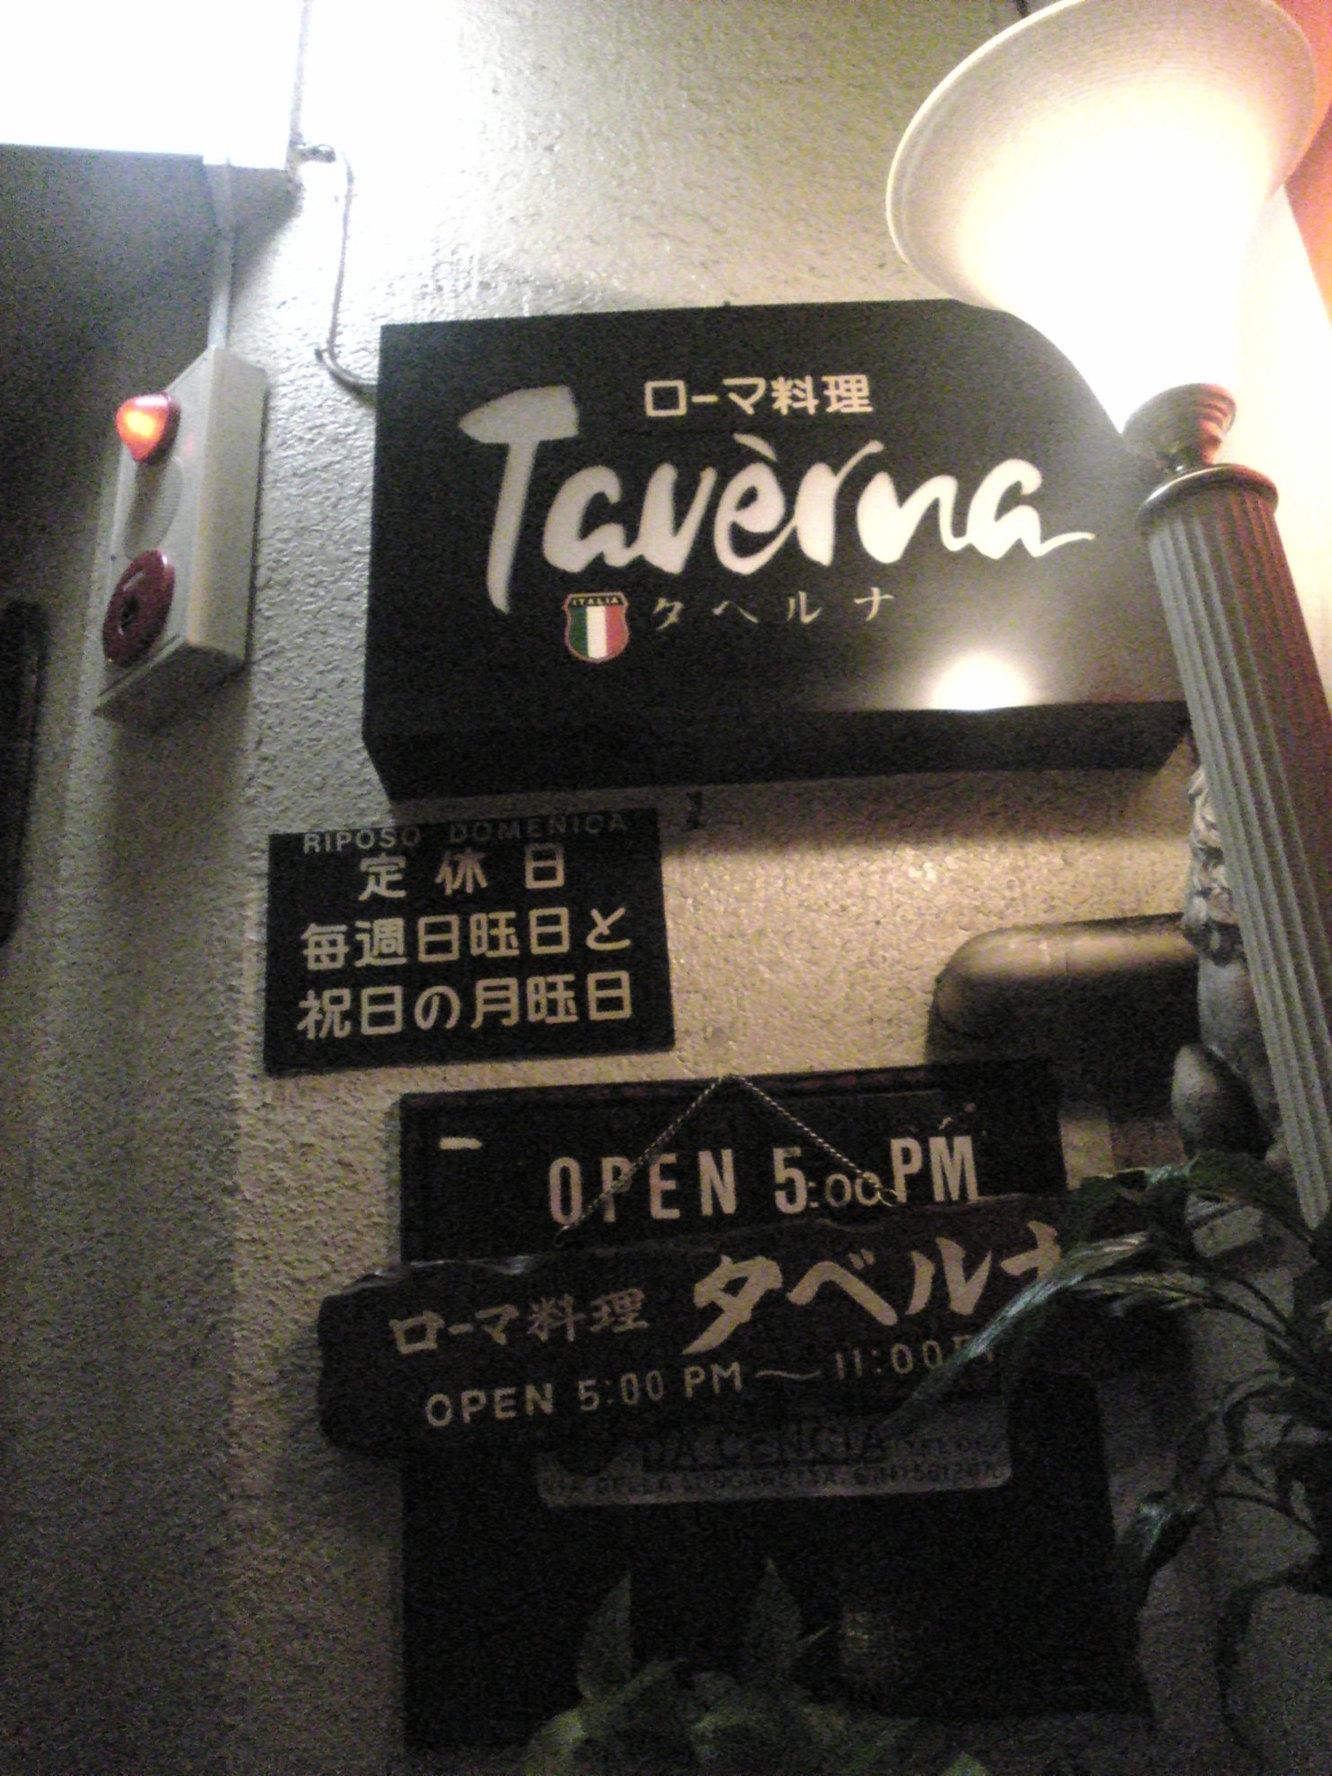 イタリアいざかや タベルナ